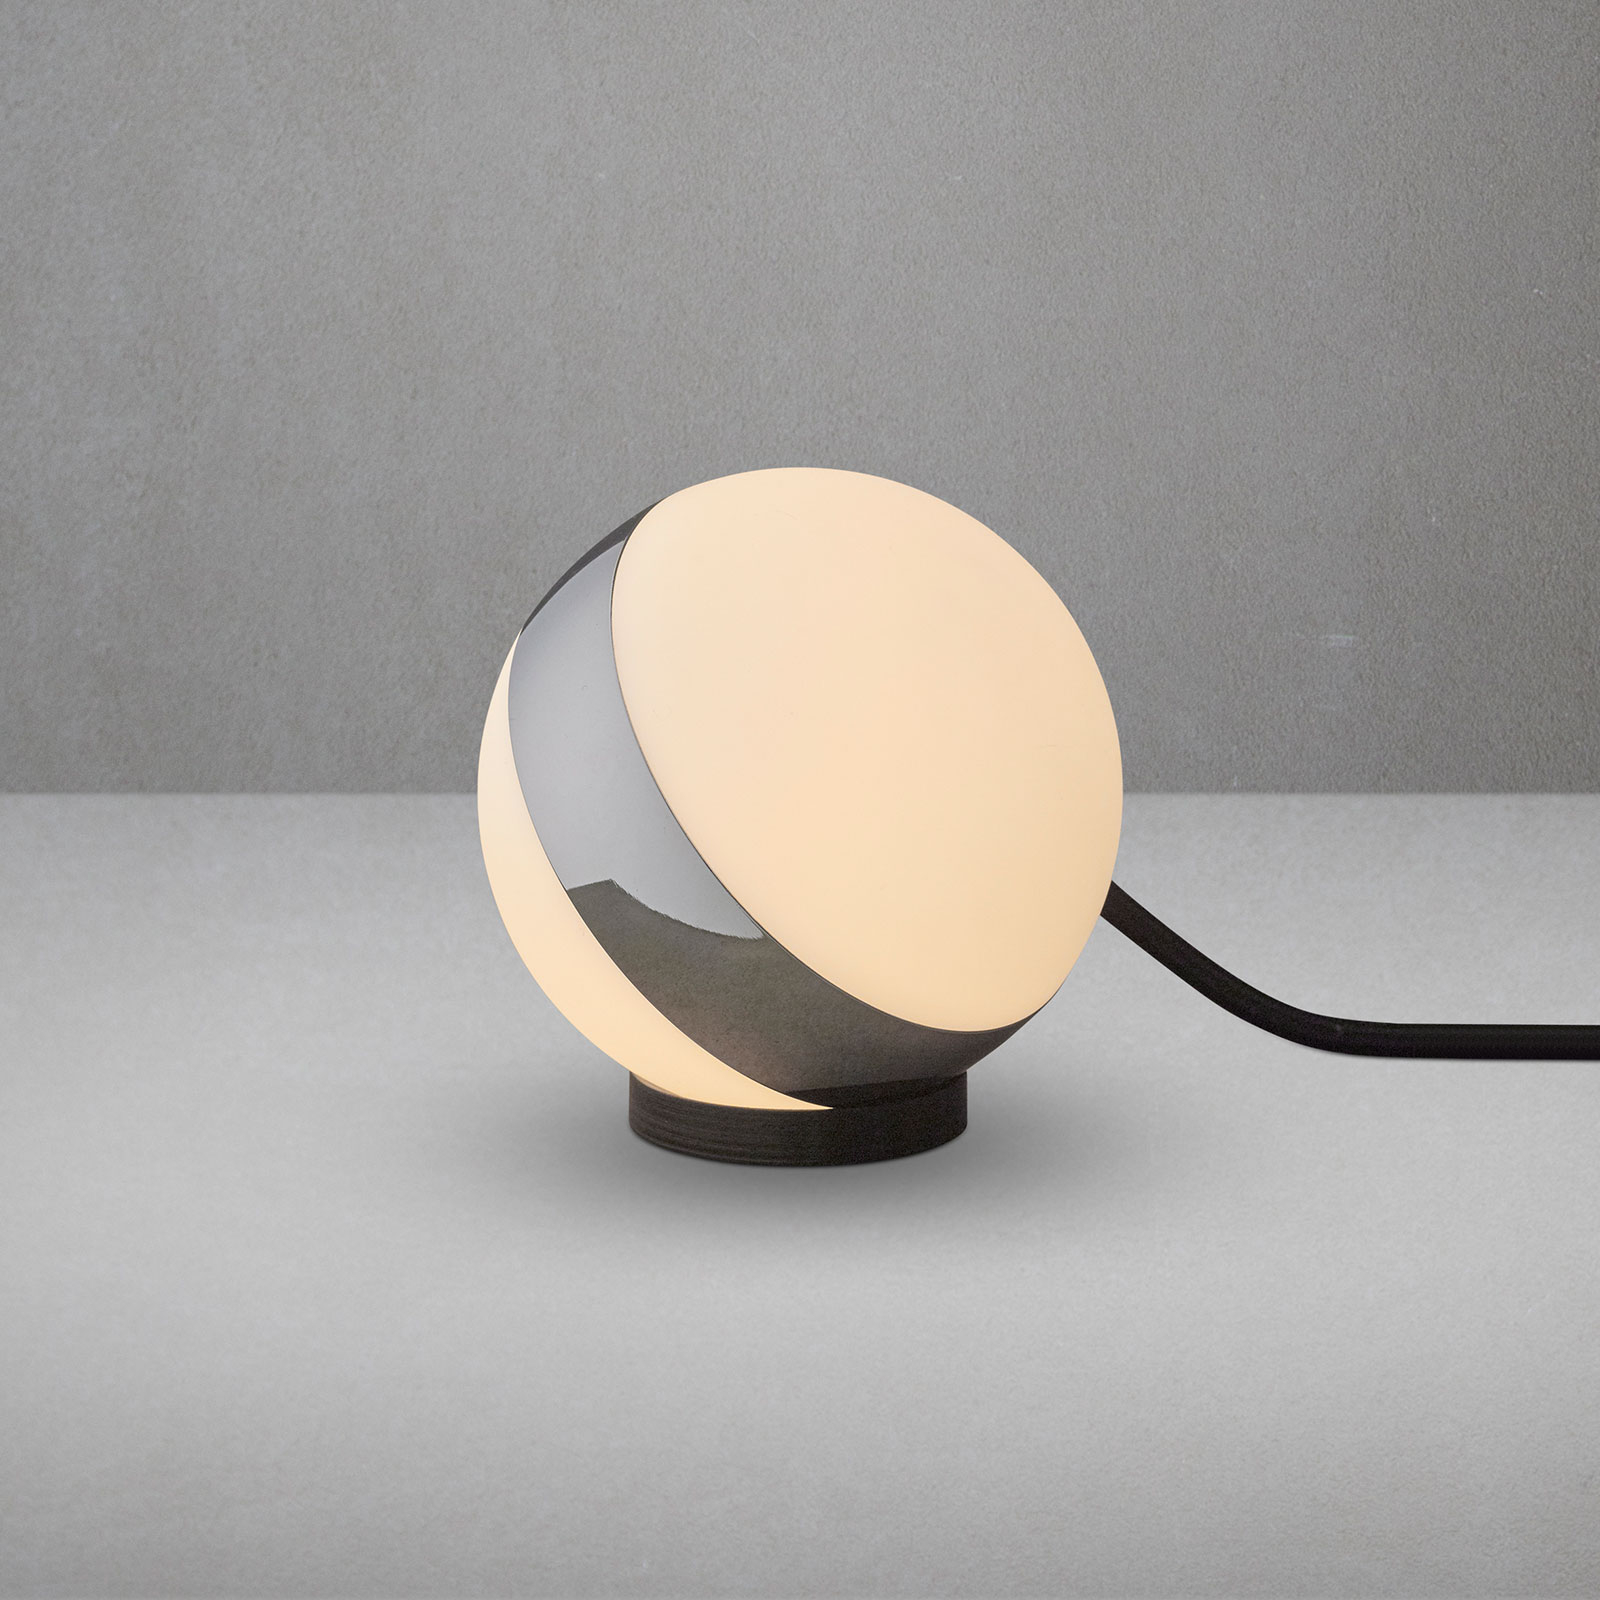 Lampada da tavolo Circle sferica, altezza 12 cm